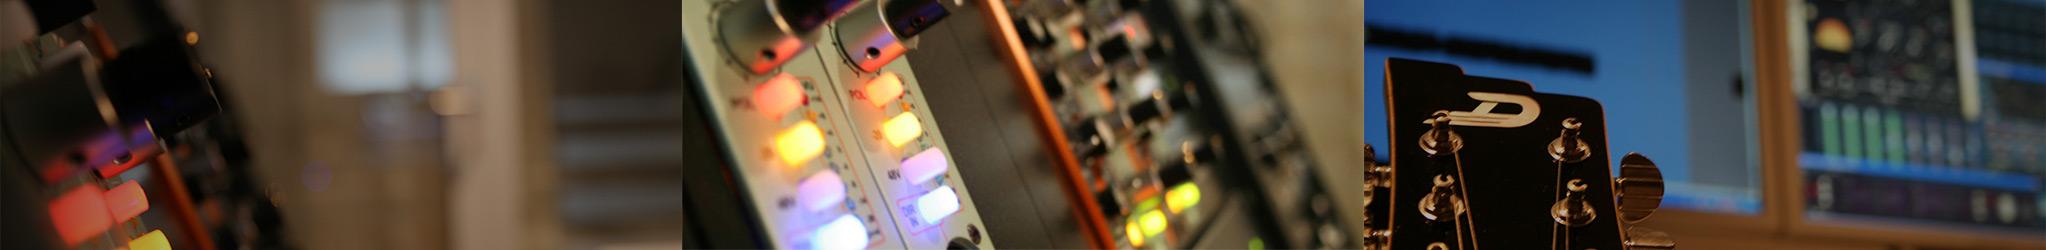 Slider-Soundfabrik-dienstleistung-2